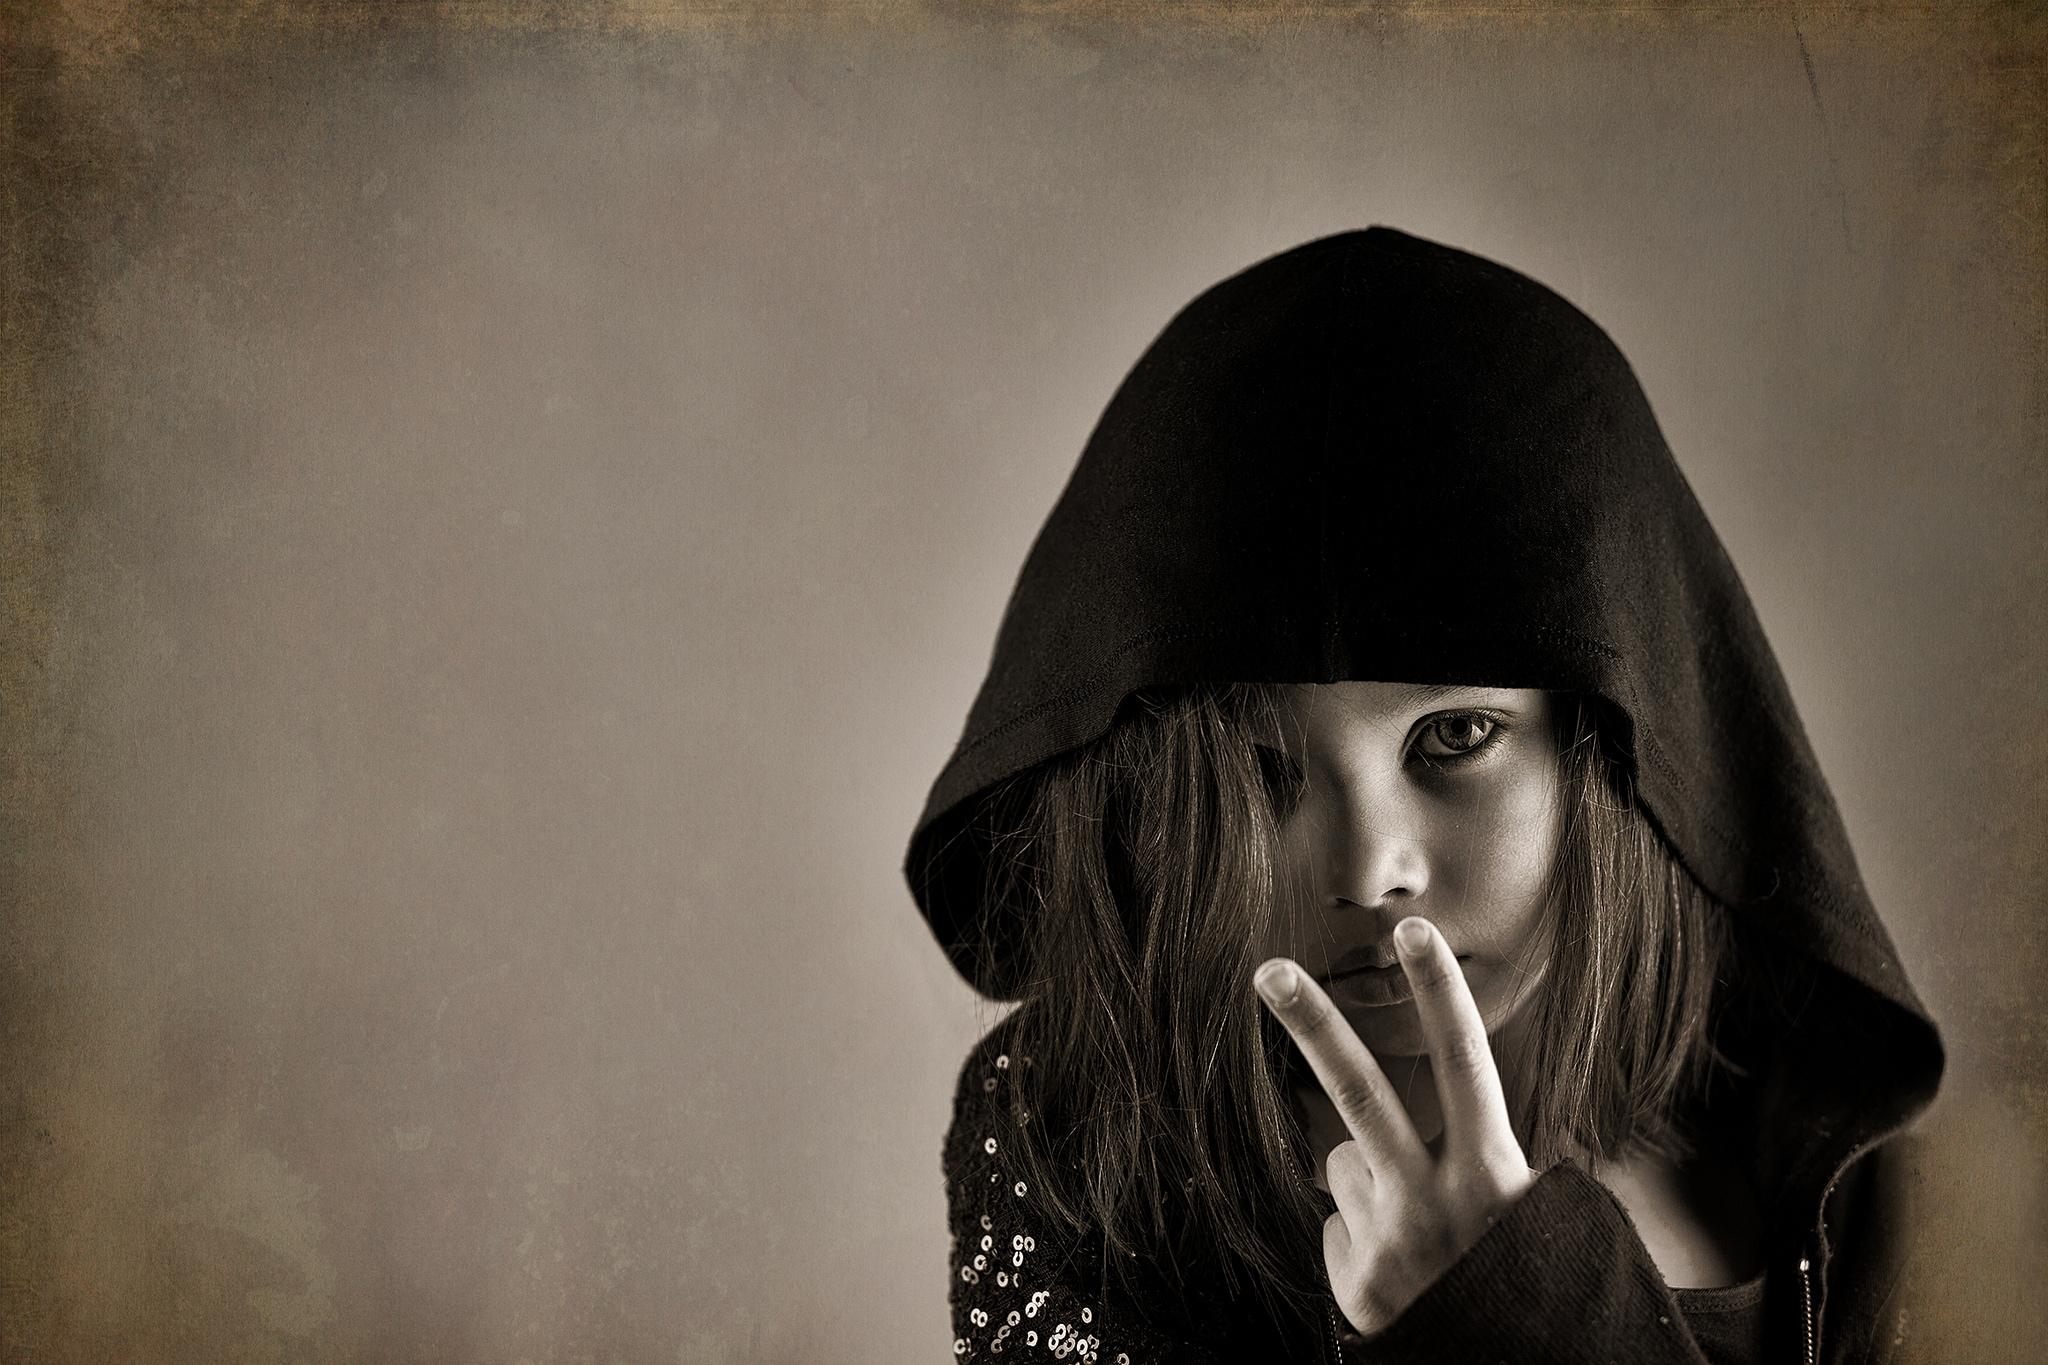 распределительный картинки девочек в капюшоне без лица трать